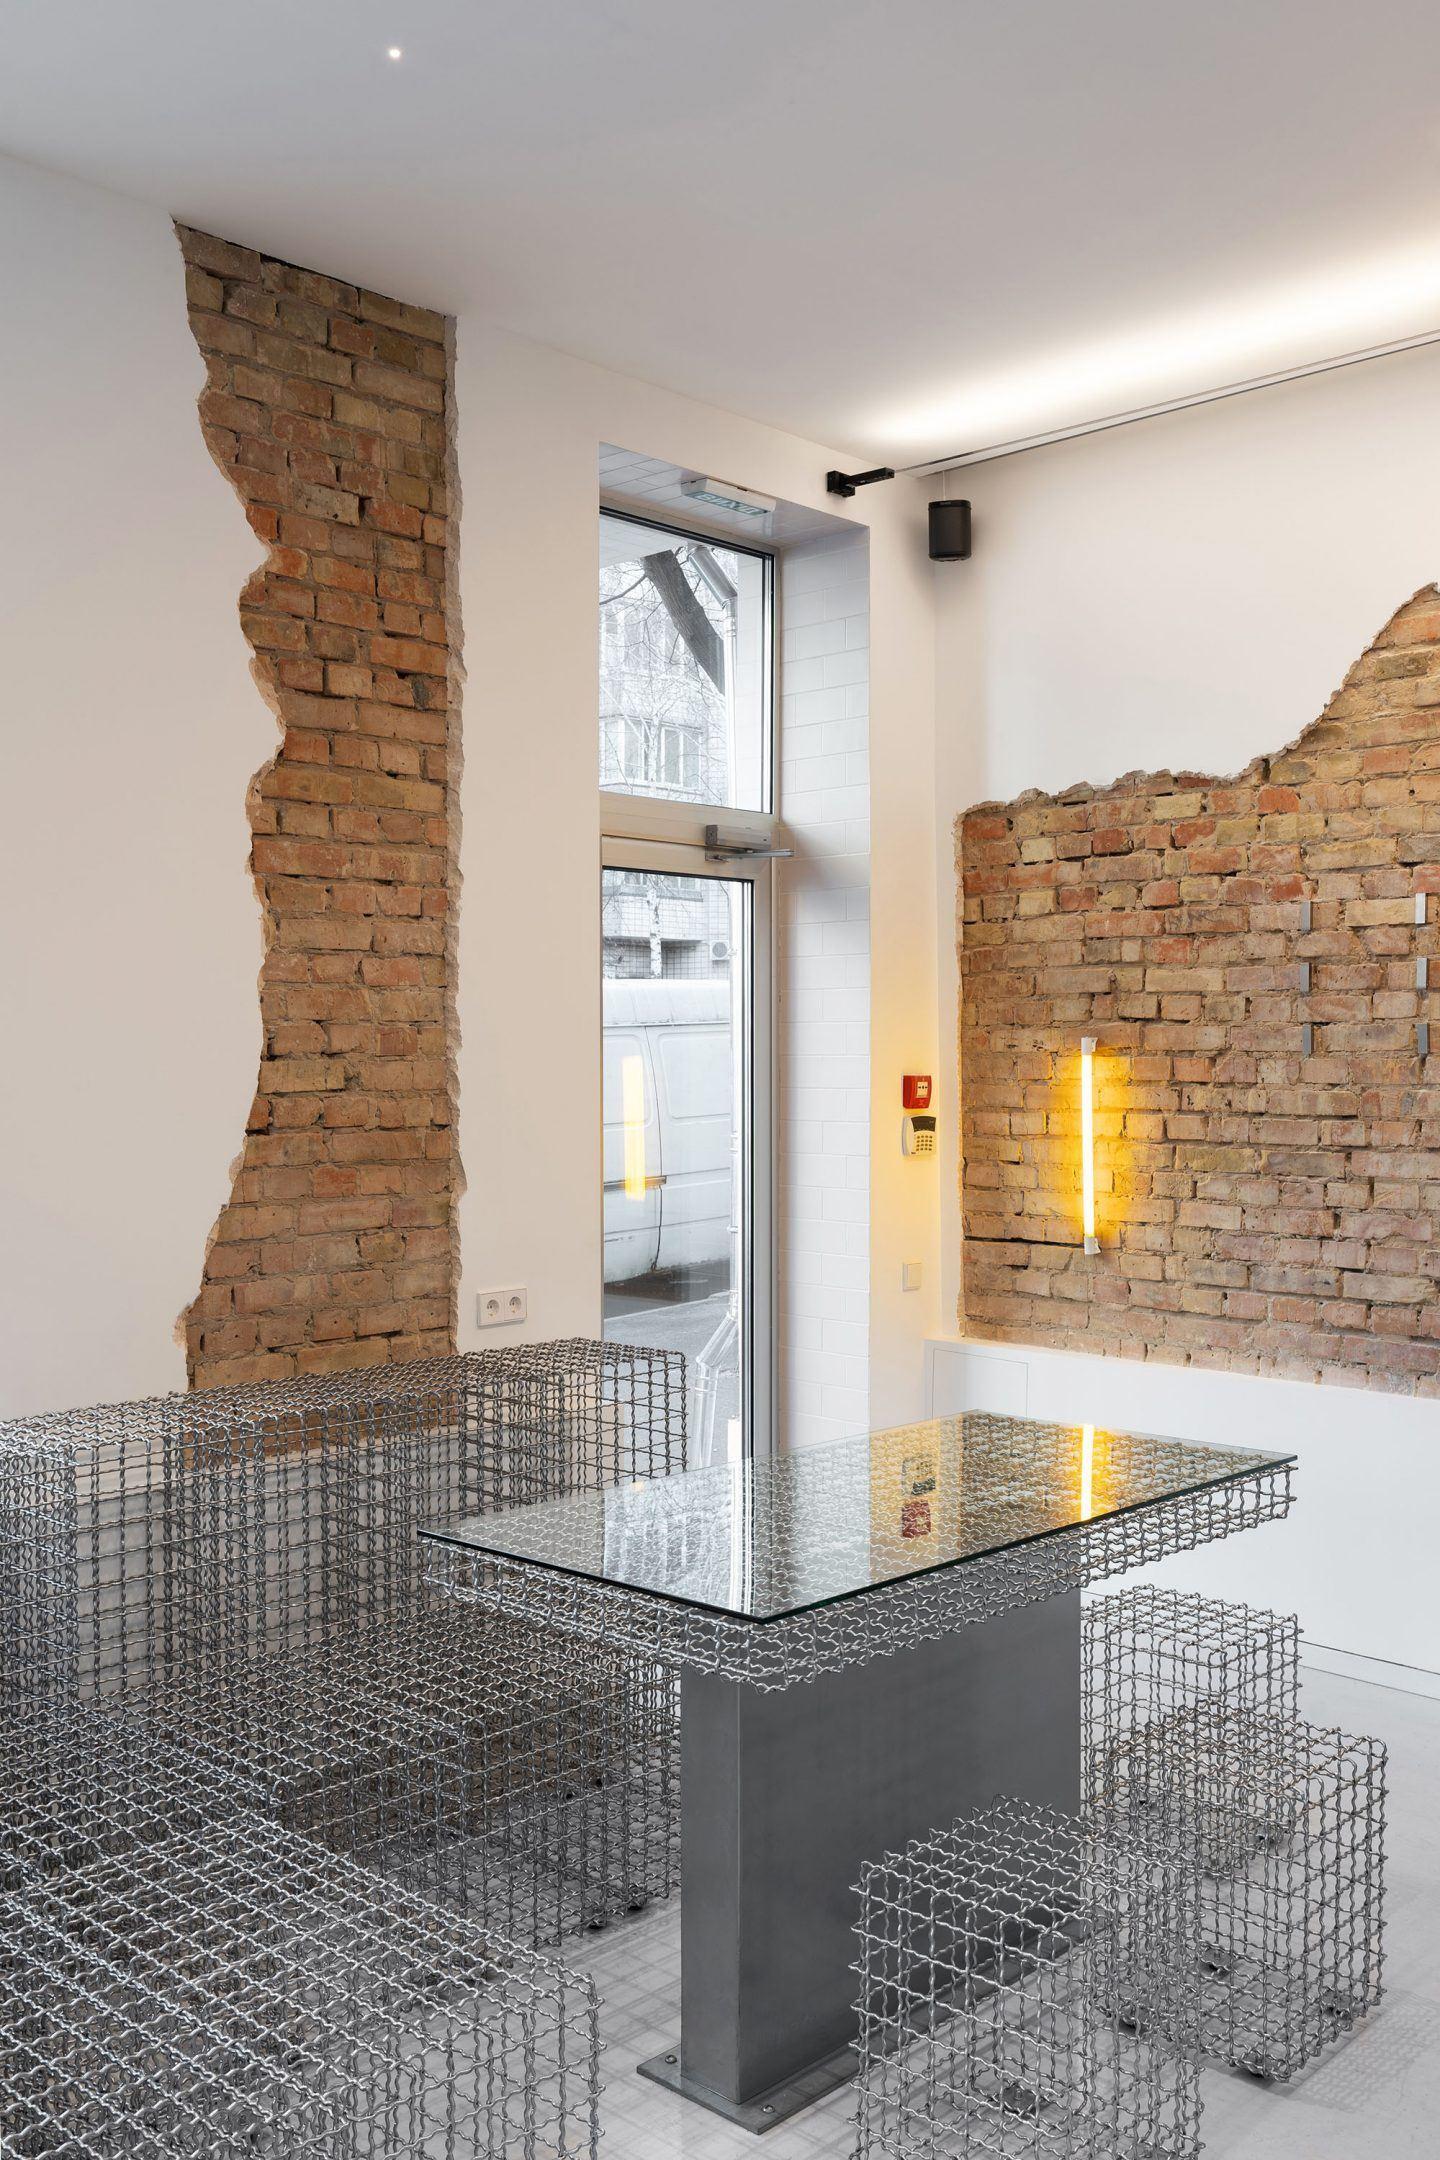 IGNANT-Design-AKZ-Architects-Bowl-Cafe-02